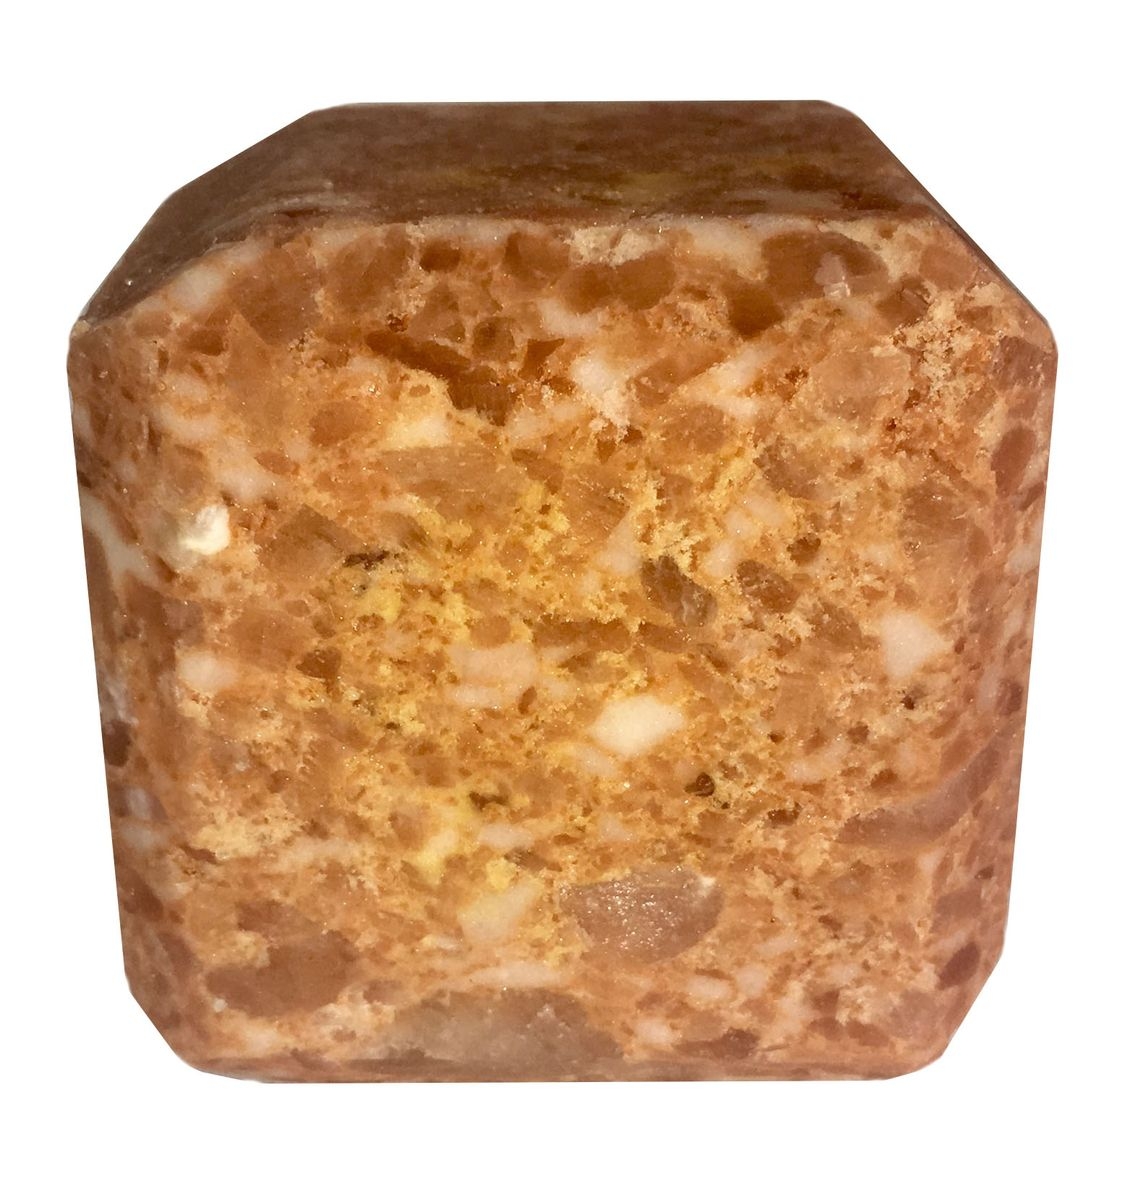 Соль для бани Proffi Sauna, с маслом апельсинаRSP-202SПрессованный кубик из соли Proffi Sauna подходит для сауны и бани. Имеет приятный аромат апельсина. Заходя в бане / сауне в парилку, Вы ставите кубик из соли на камни и поливаете камень водой. В результате образуется облако соляного пара, а по всей парилке разносится приятный аромат.1 кубик рассчитан на 1 применение. Состав: чистая природная структурированная соль, эфирное масло.